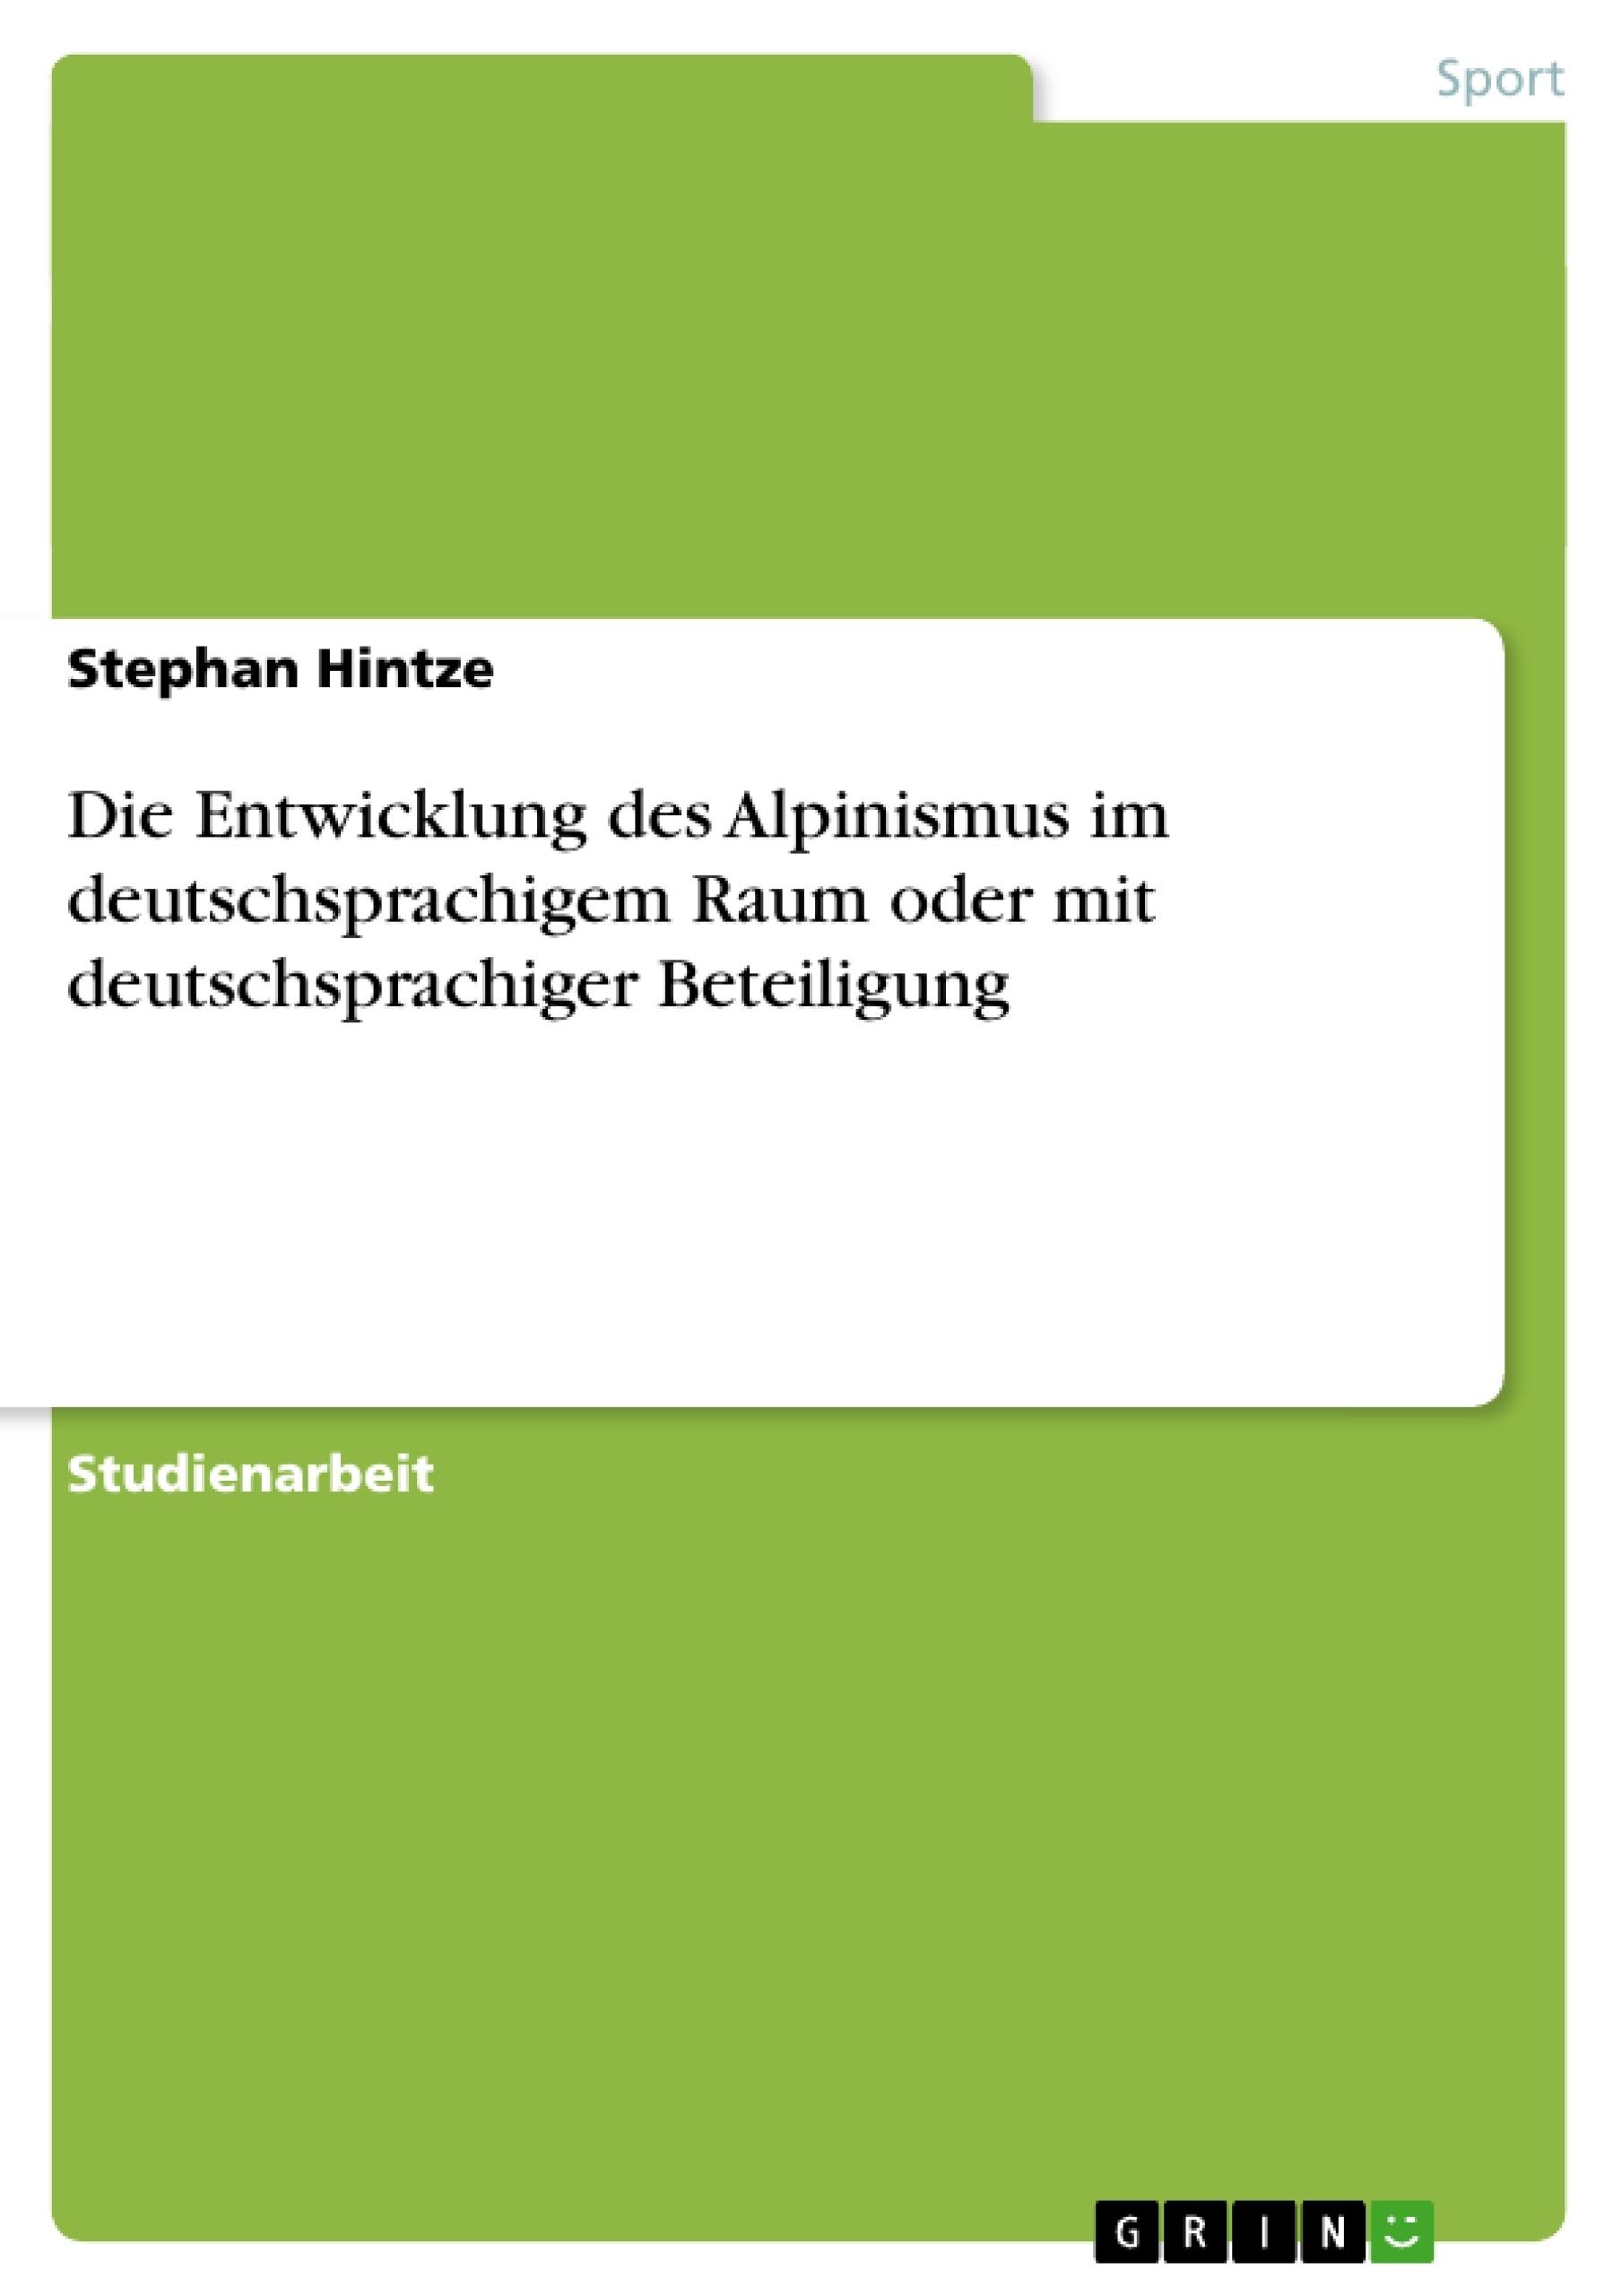 Titel: Die Entwicklung des Alpinismus im deutschsprachigem Raum oder mit deutschsprachiger Beteiligung